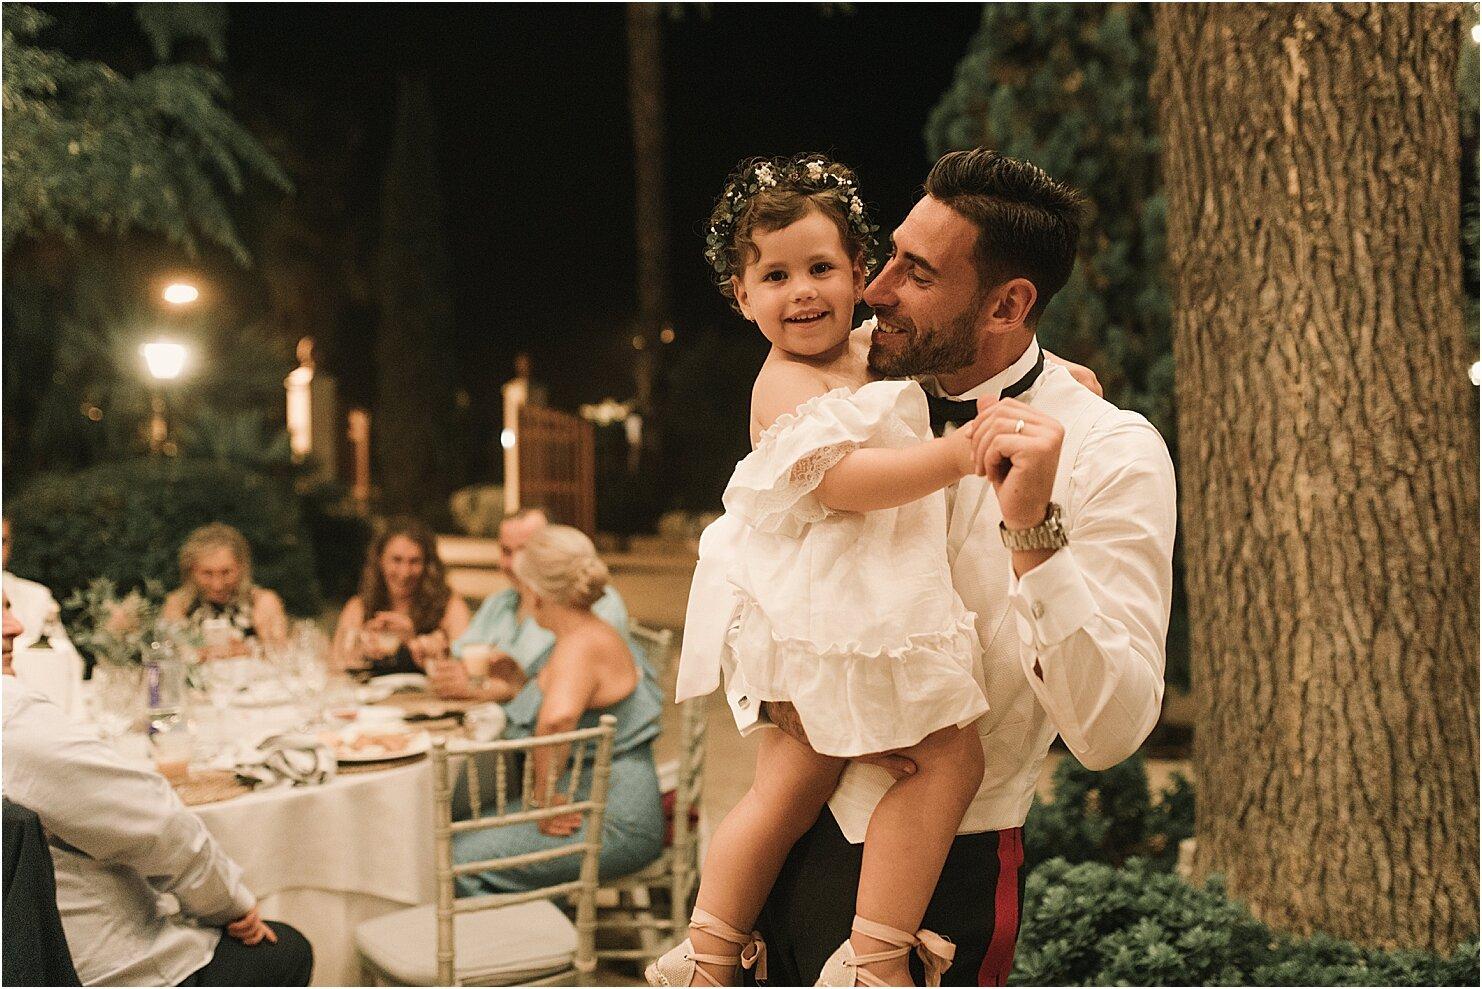 boda-romantica-boda-boho-vestido-de-novia-laura-lomas85.jpg